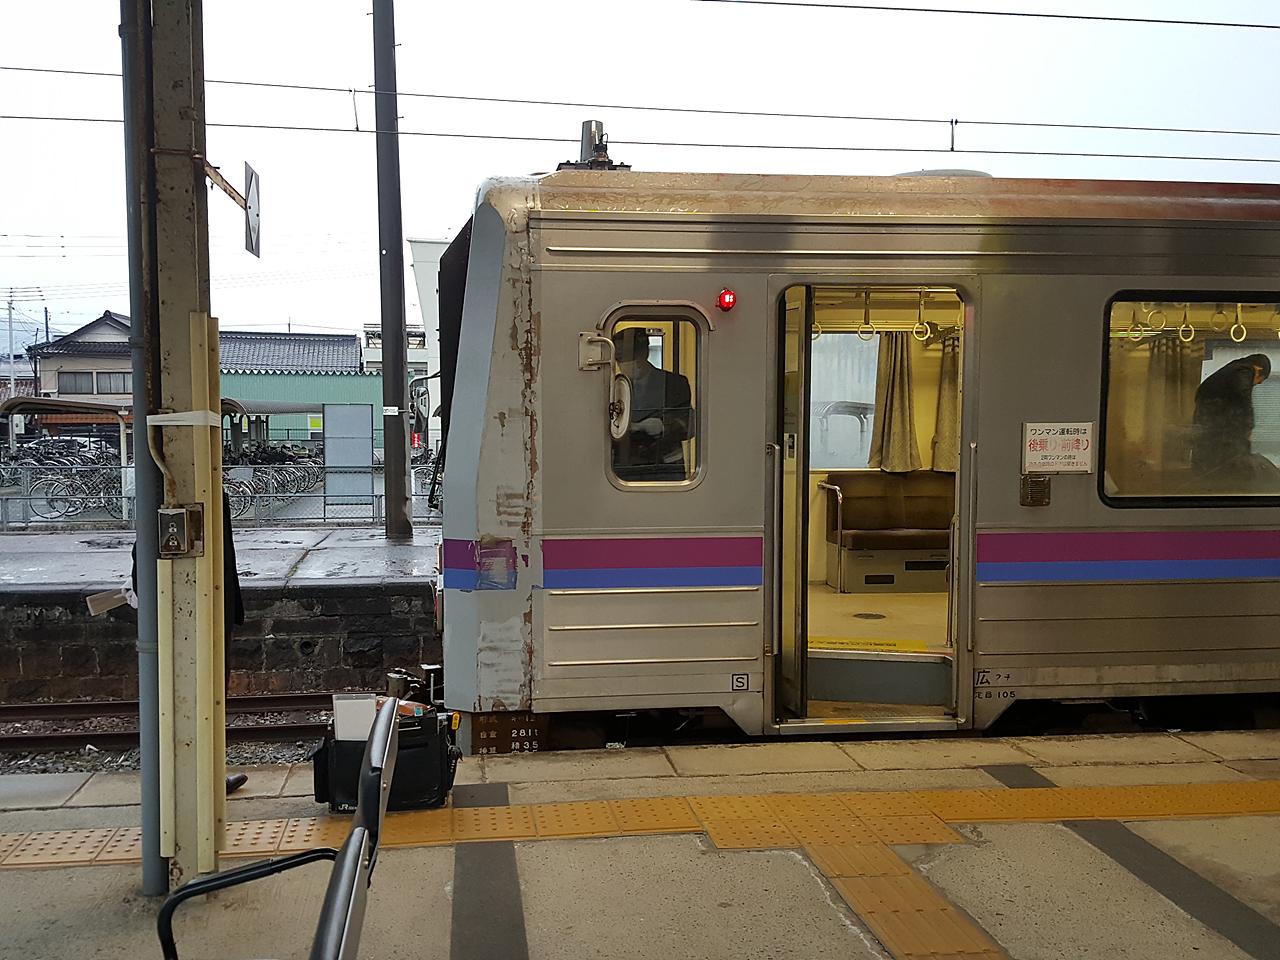 JR 아사 역에 도착 한 미네선 보통열차 미네선 완만카가 도착한 JR아사 역